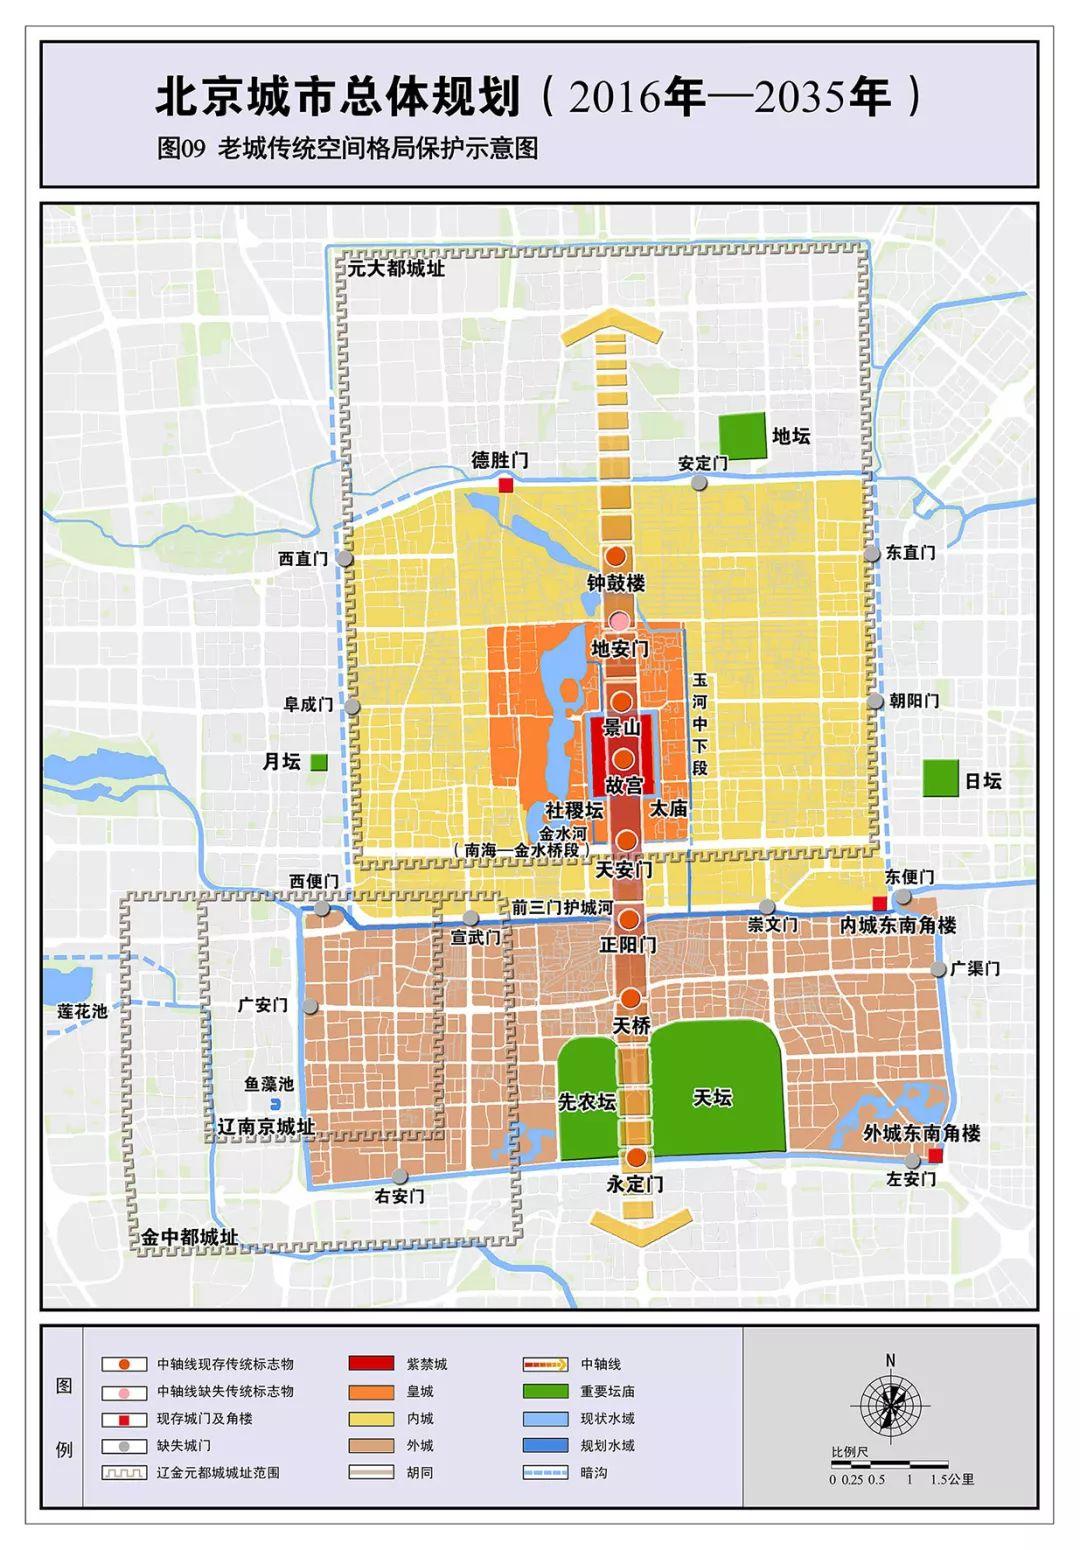 中心城区空间结构规划图